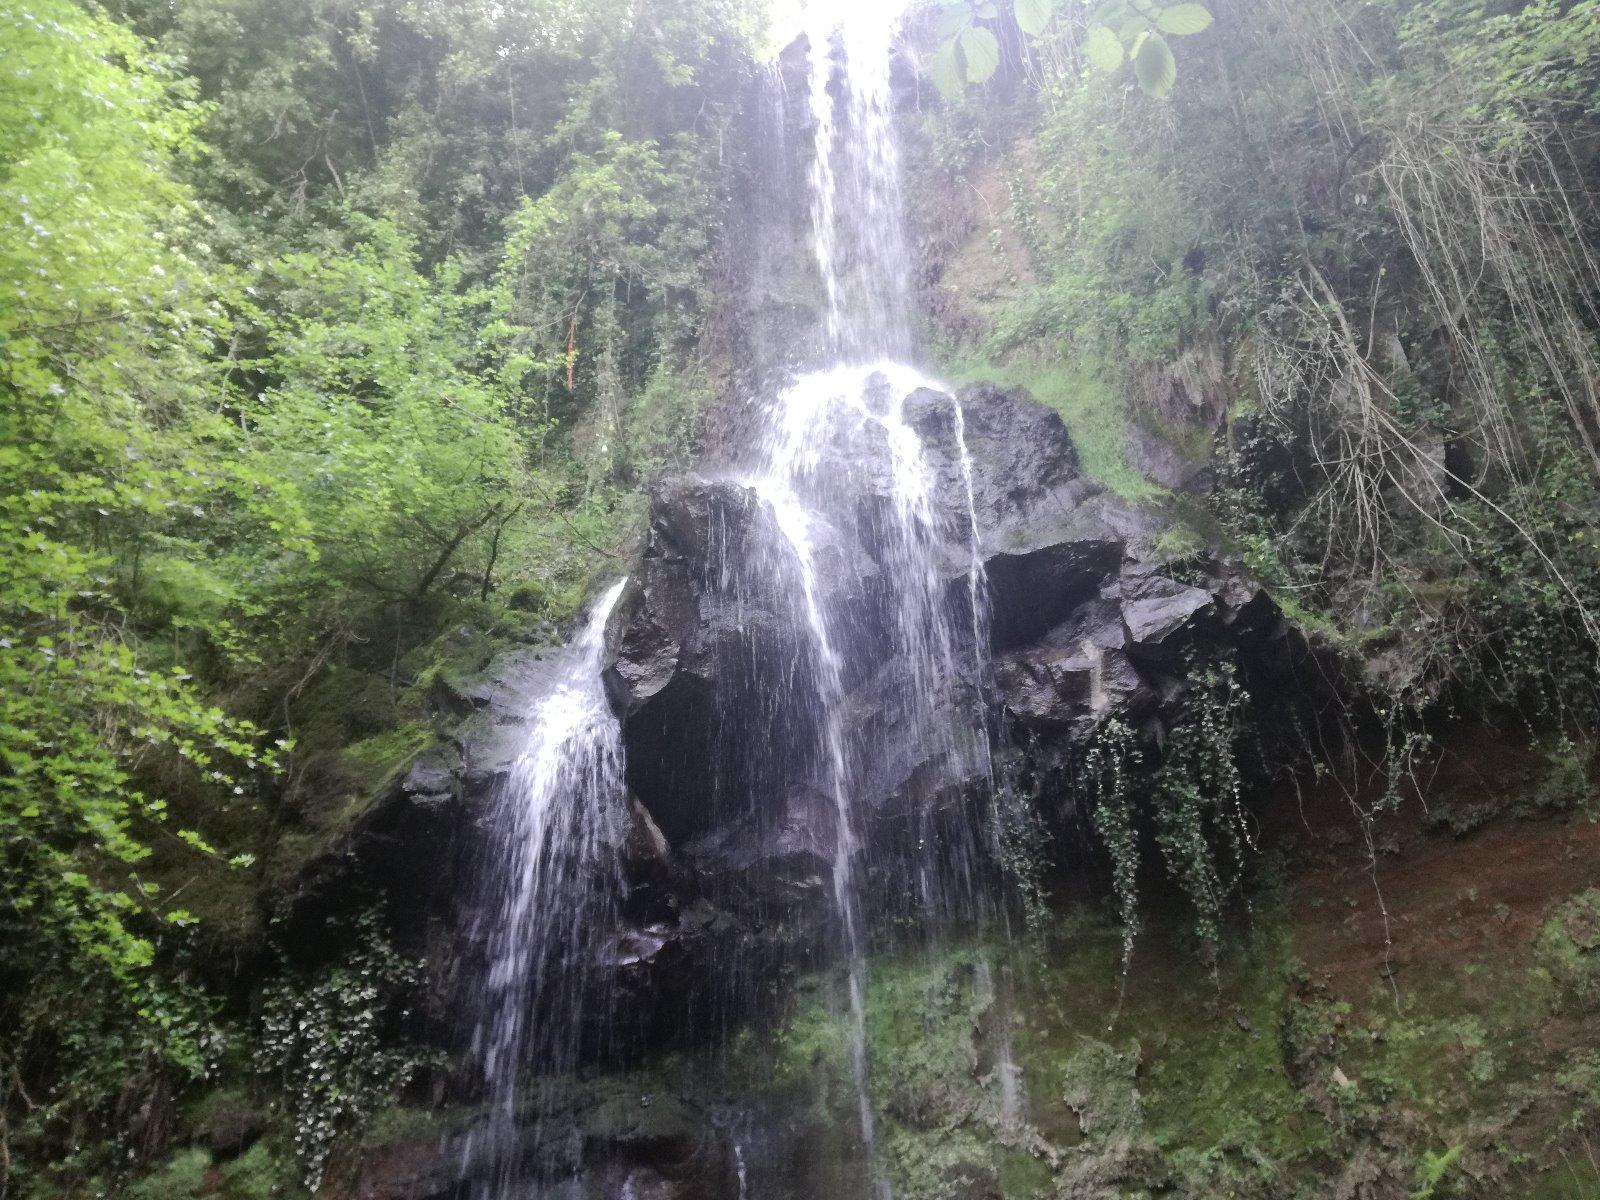 le rocce e la cascata di Conca della Campania